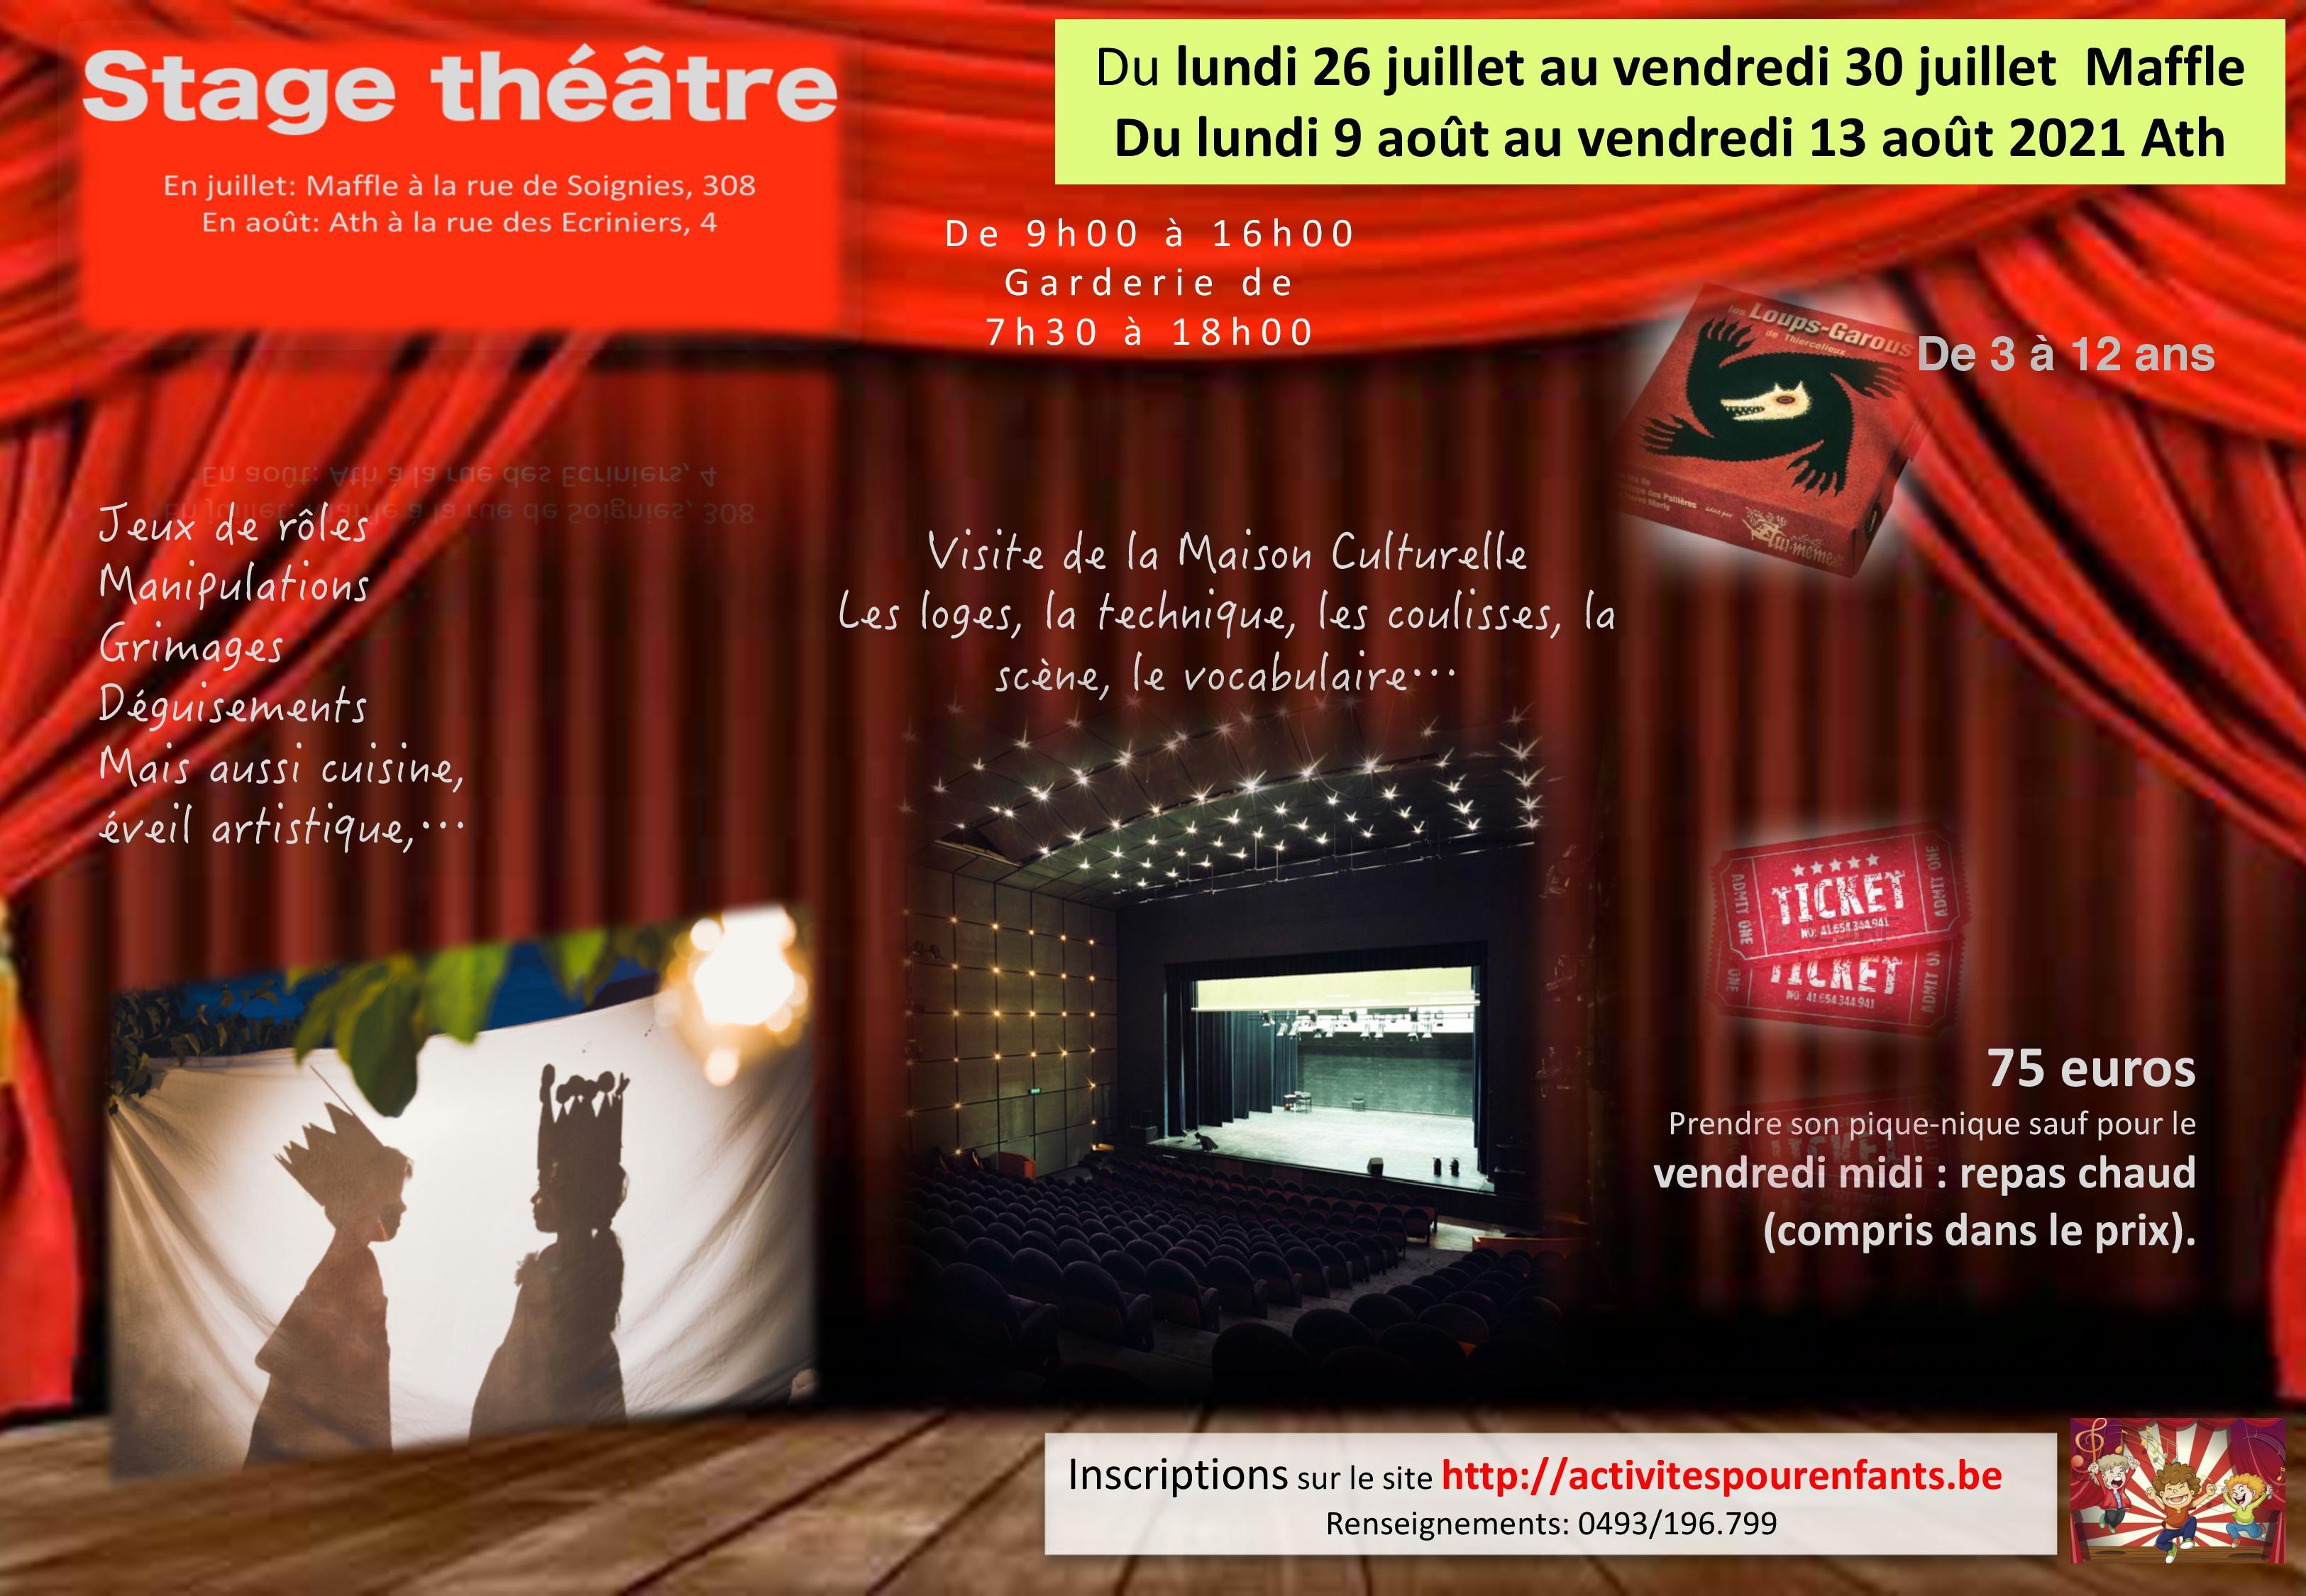 Stage théâtre Ath et Maffle